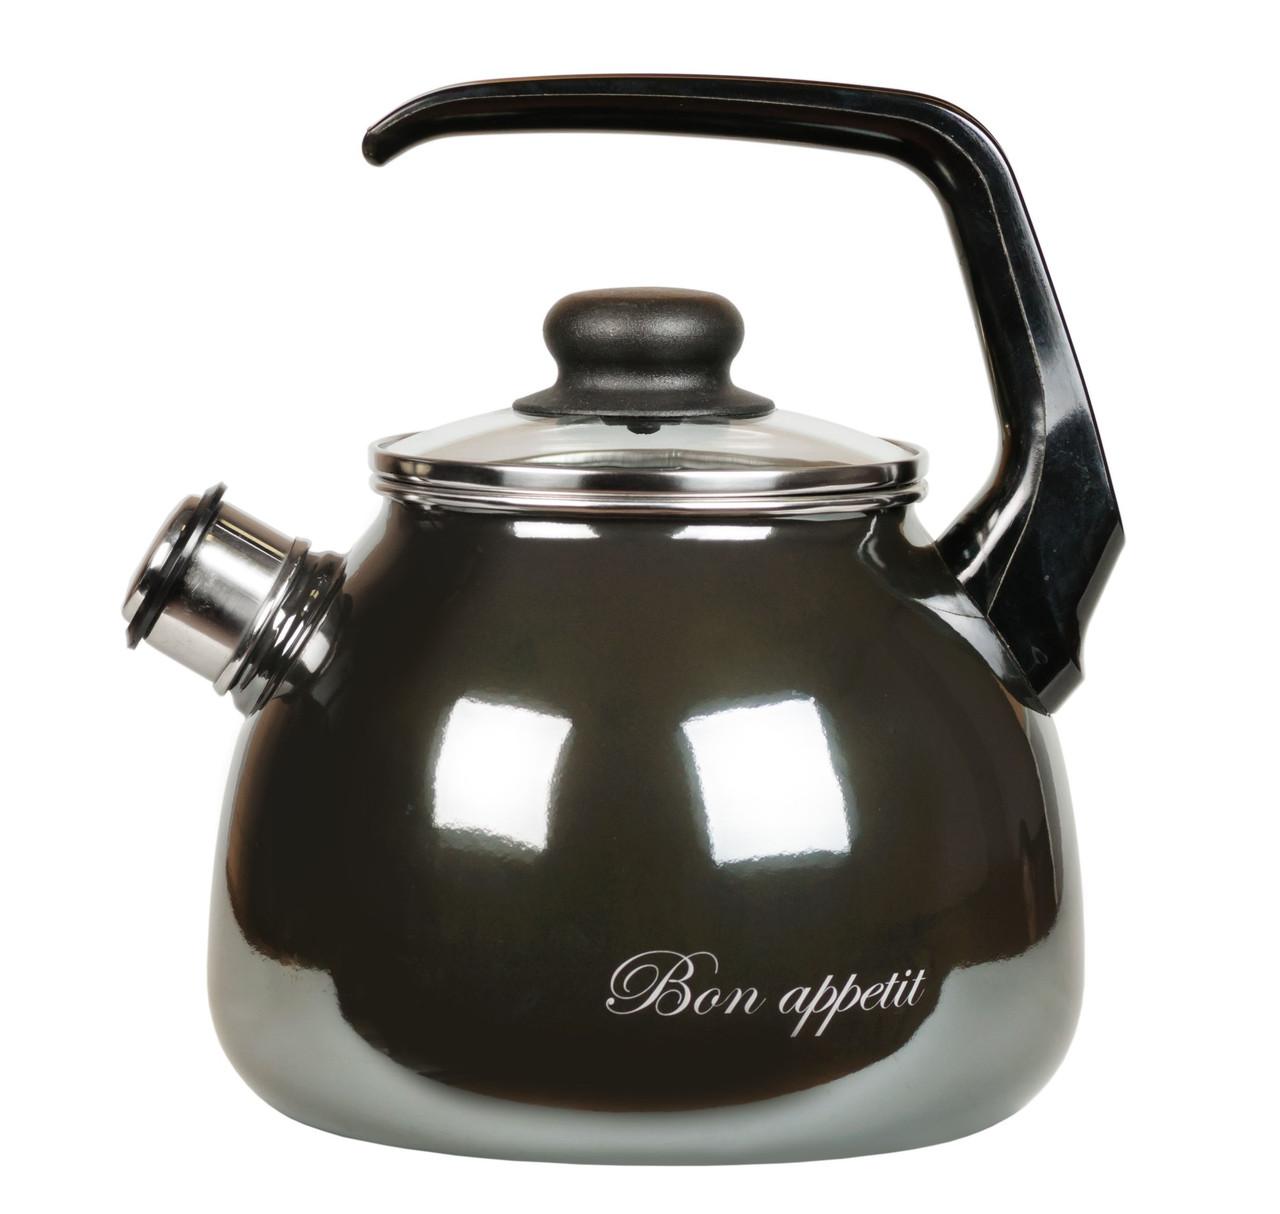 """Чайник эмалированный со свистком """"Bon appetit"""" 3 литра"""